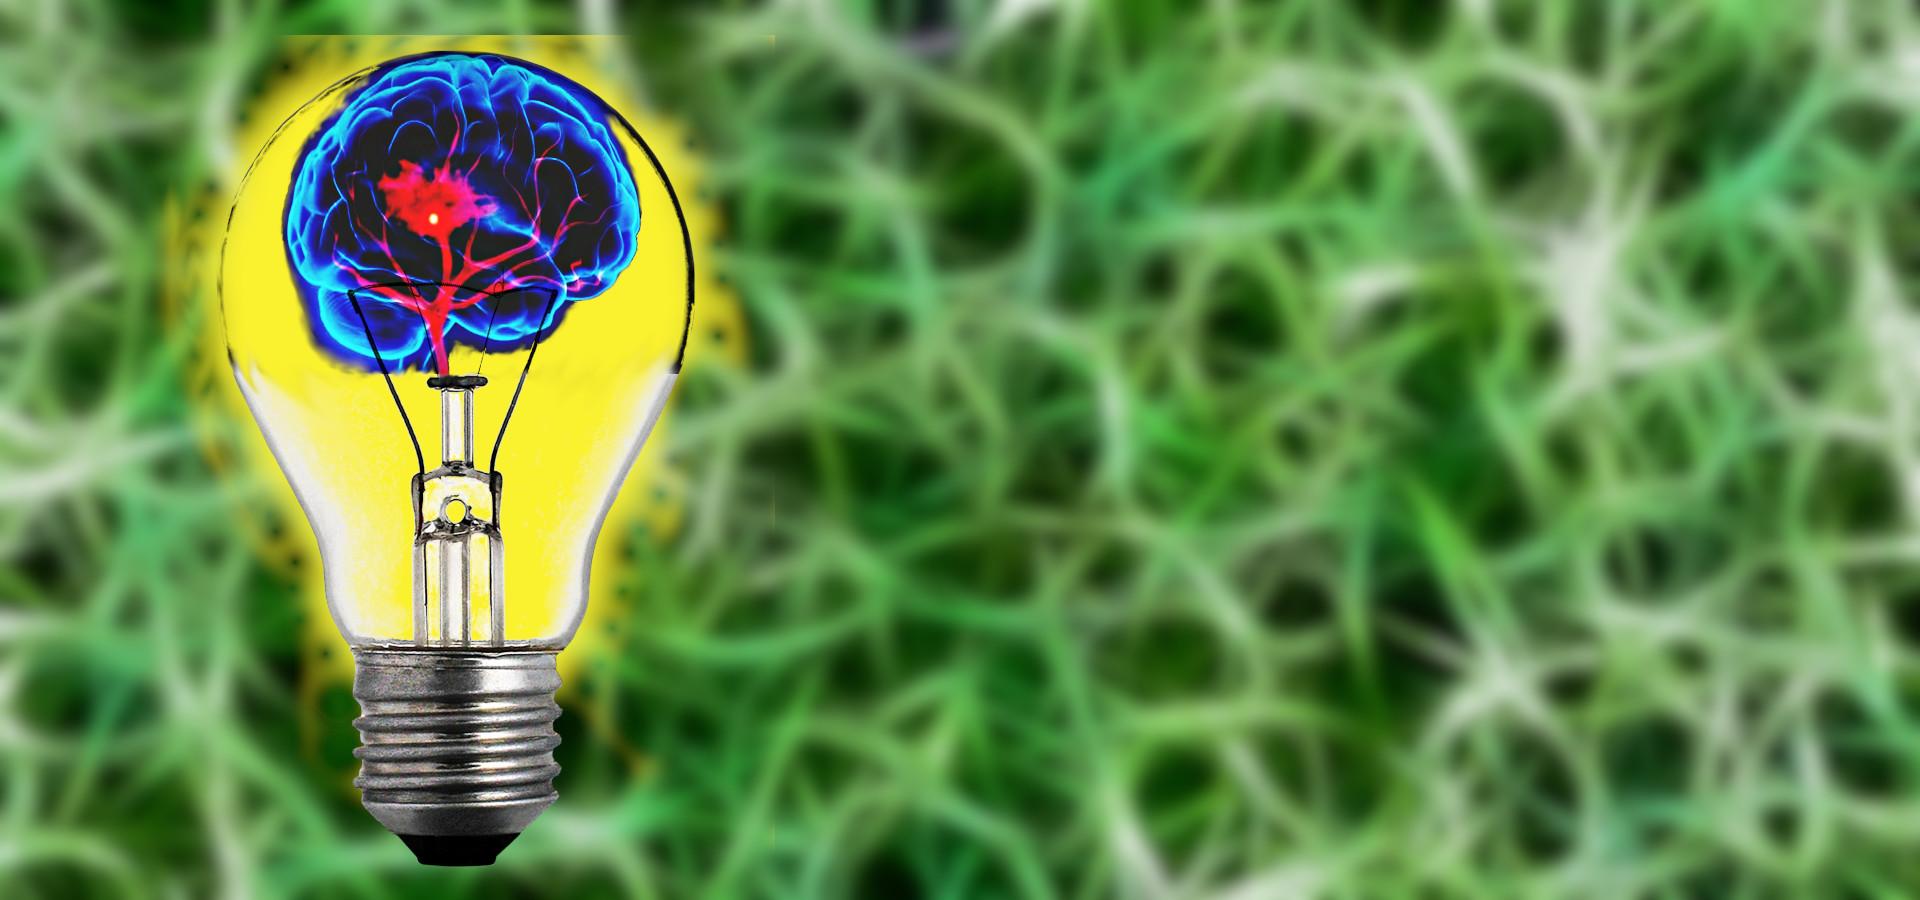 Gehirn in Glühbirne symbolisch